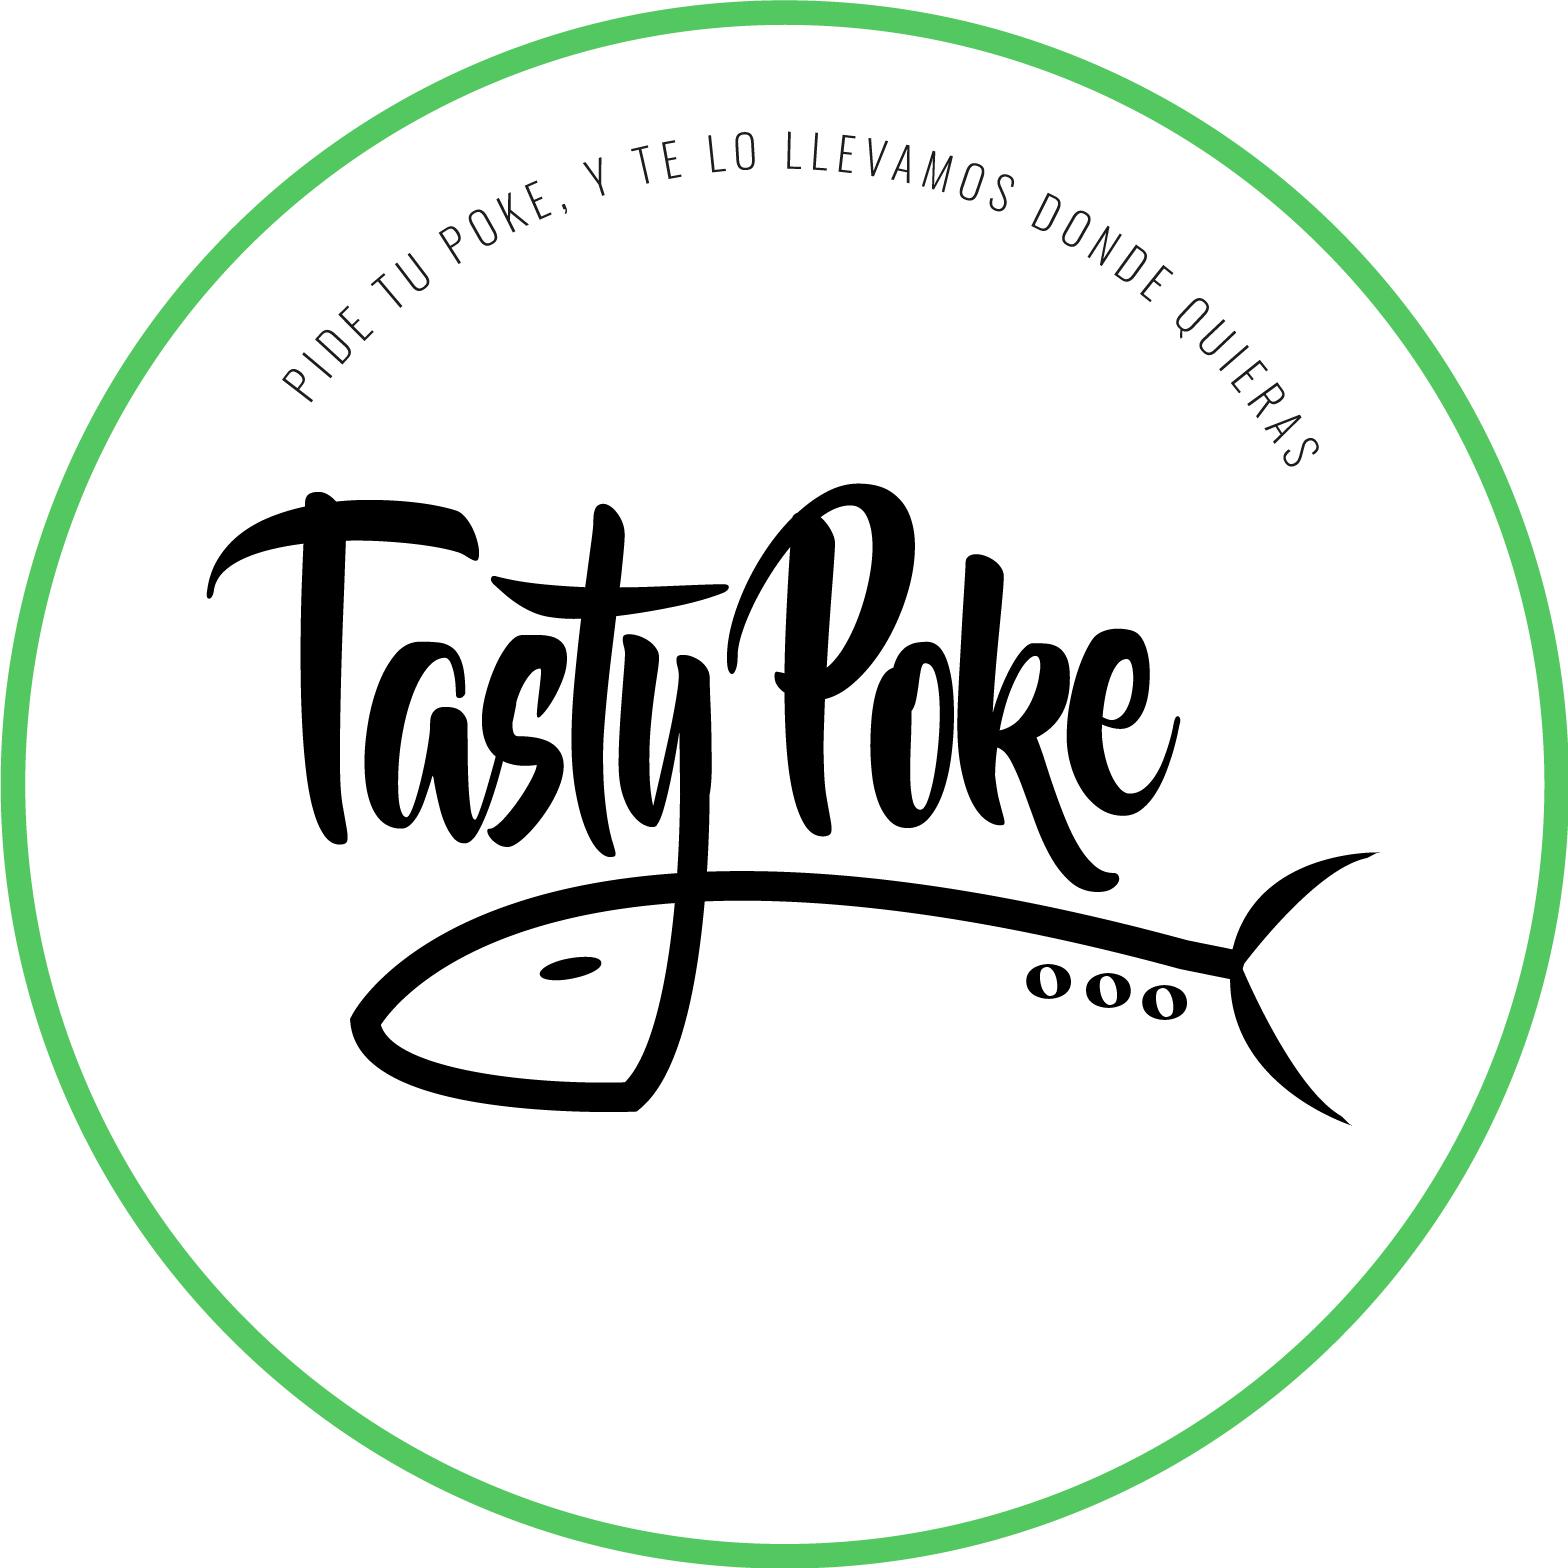 Descuento de 8€ en Tasty Poke Bar en app Deliveroo (nuevos usuarios)